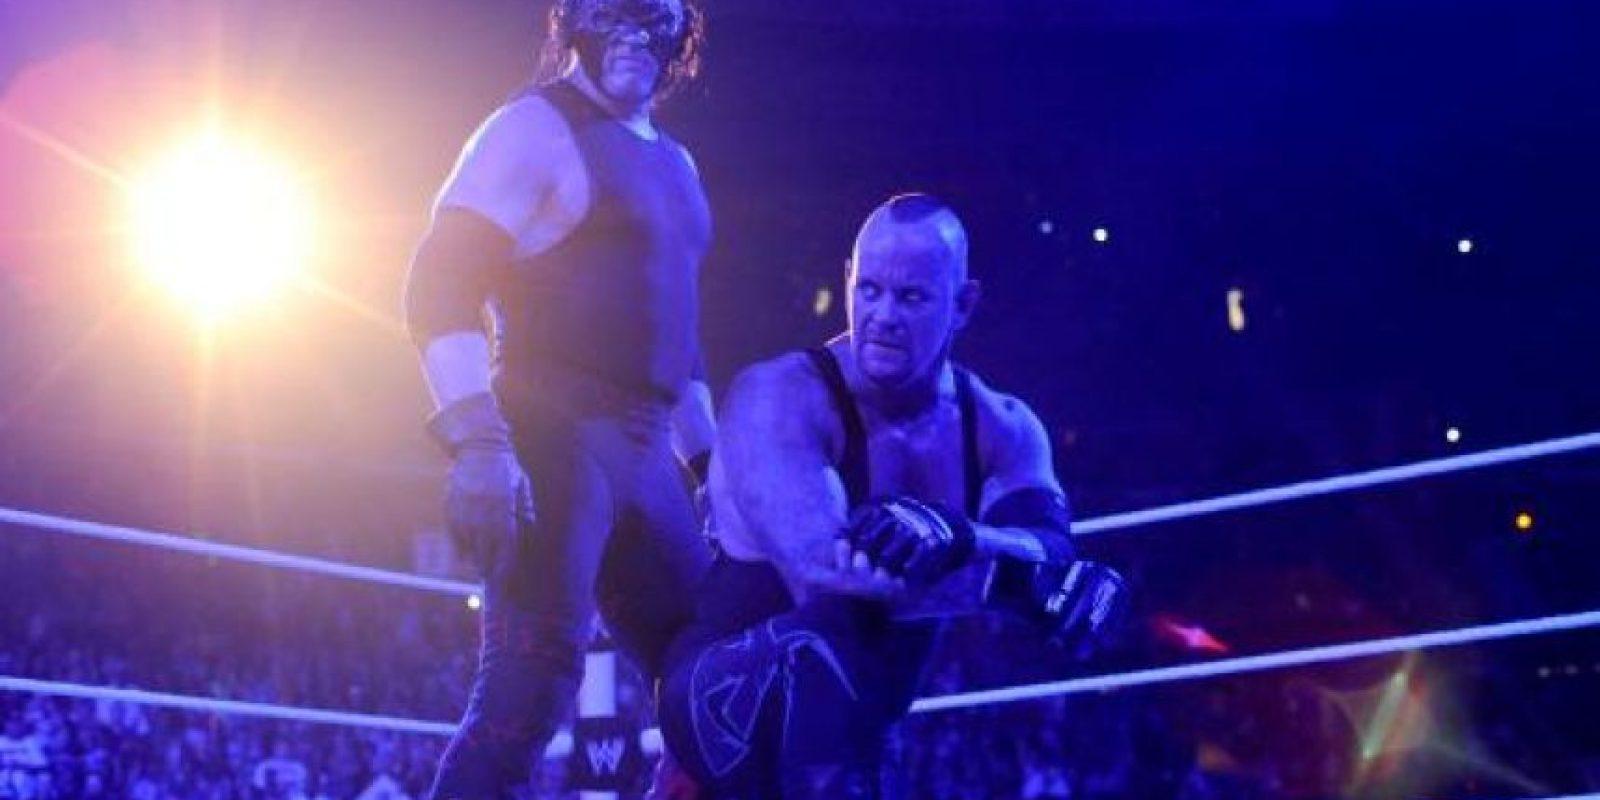 Después de esto, The Undertaker fue secuestrado por The Wyatt Family, y Kane en su intento de rescate, también fue privado de su libertad. Foto:WWE